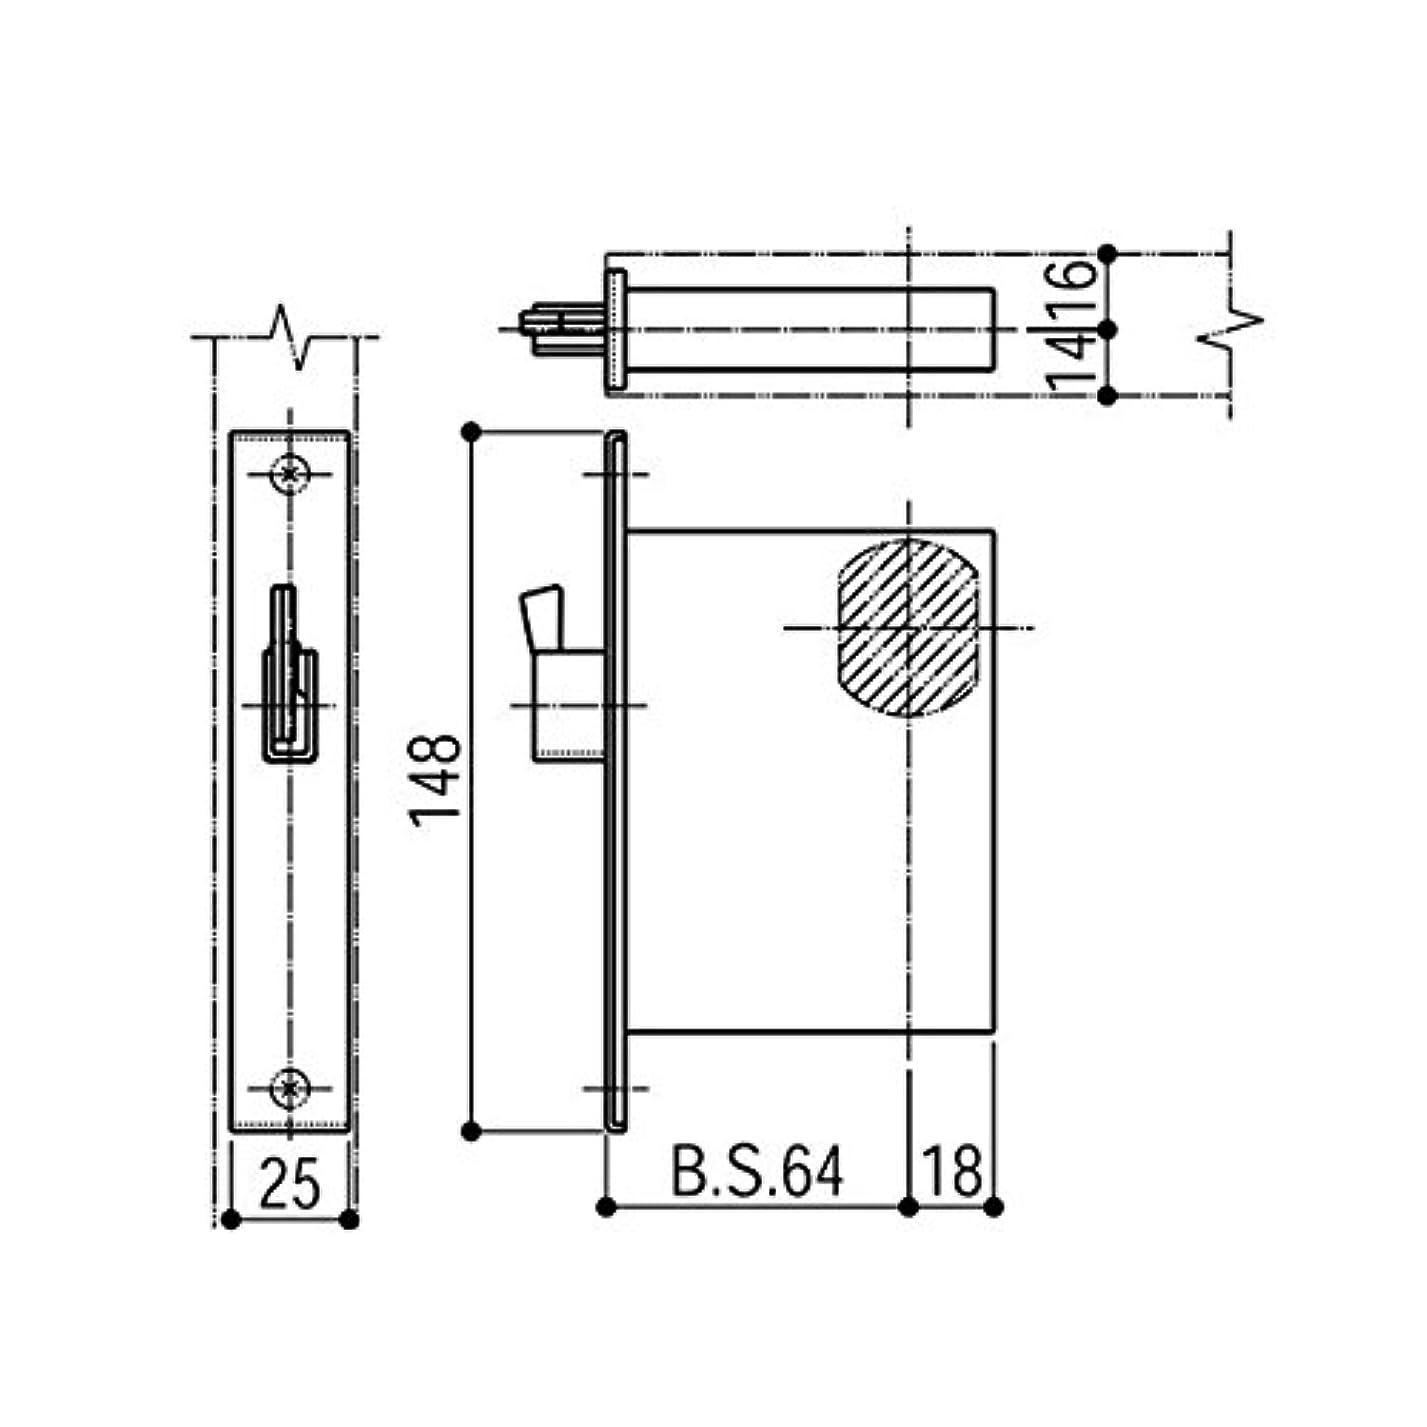 インタフェース移植書士補助錠ケース本体(HH-4K-11717) YS:シルバー